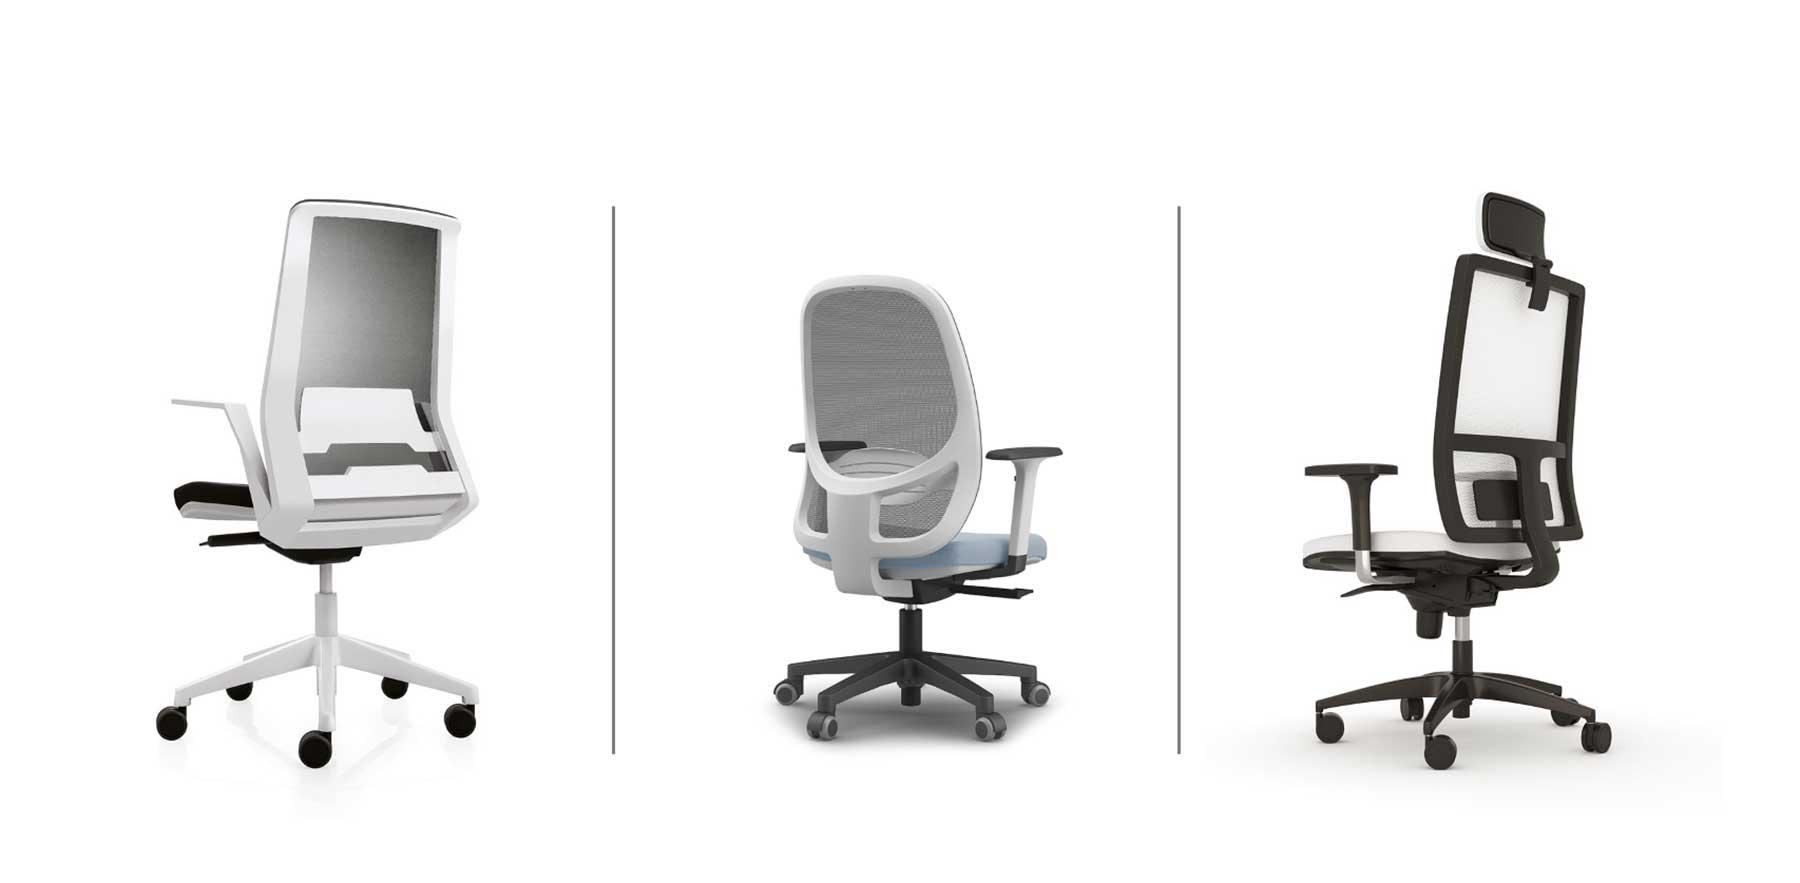 Sillas de escritorio ergonómicas con respaldo reforzado